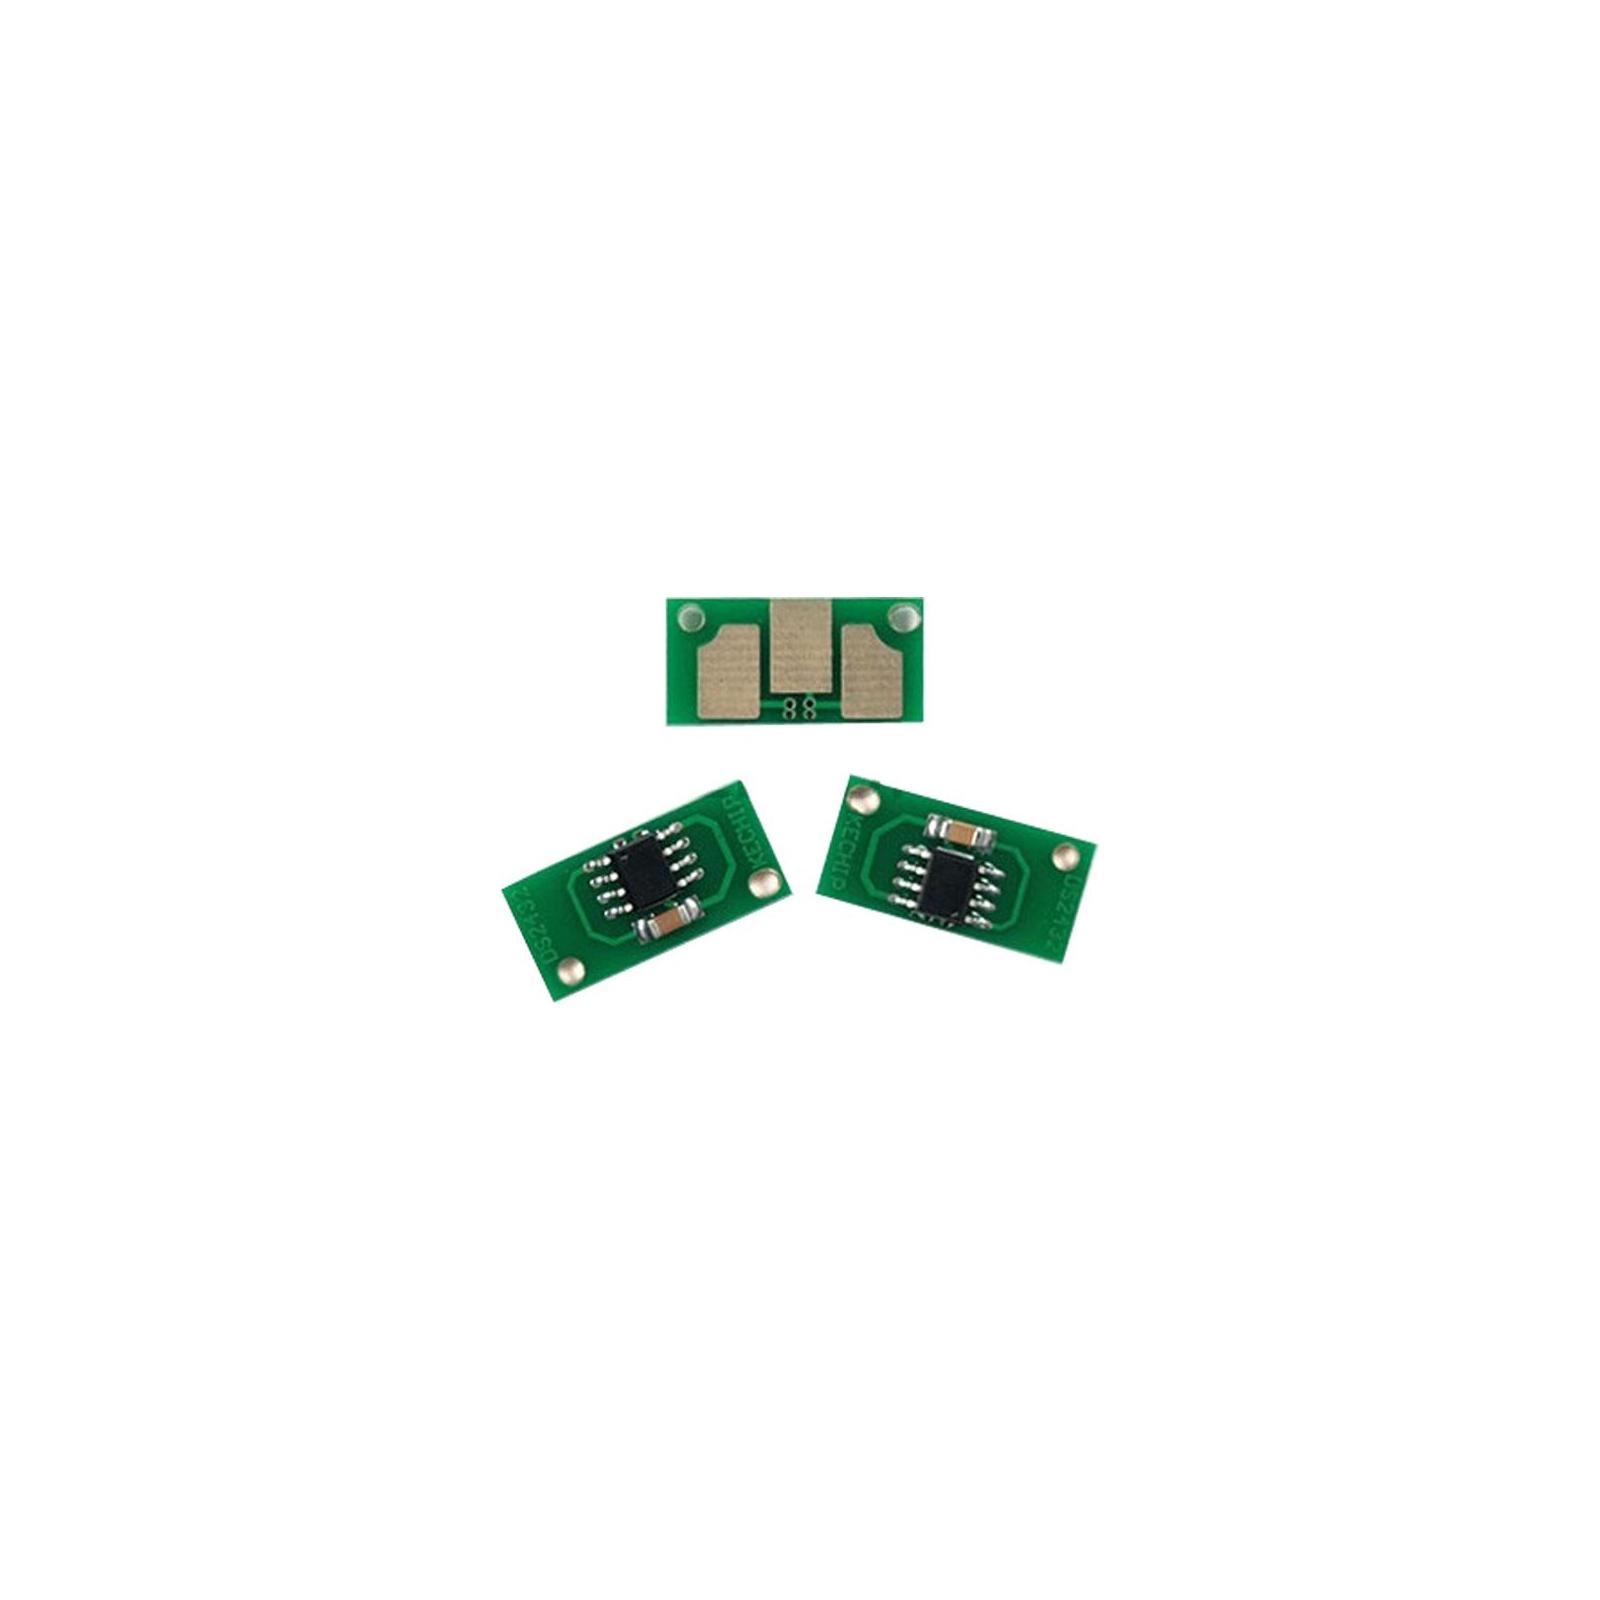 Чип для картриджа Xerox Ph3330 WC 3335/3345 30K DRUM Delcopi (RMX3330D)